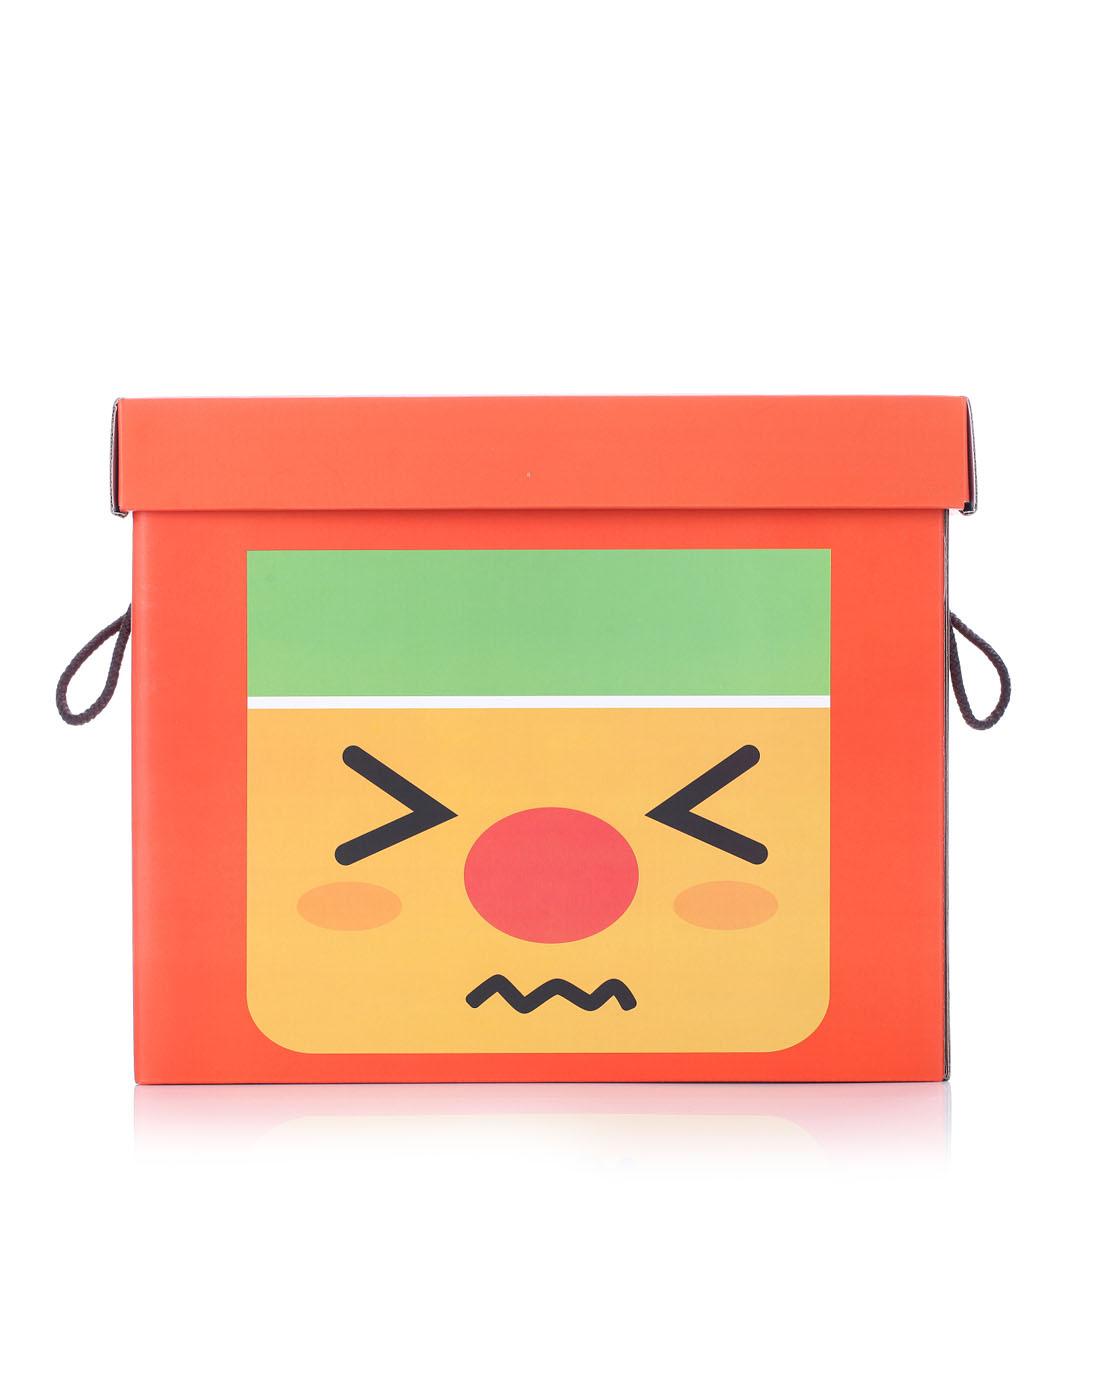 可爱表情系列收纳箱-红色